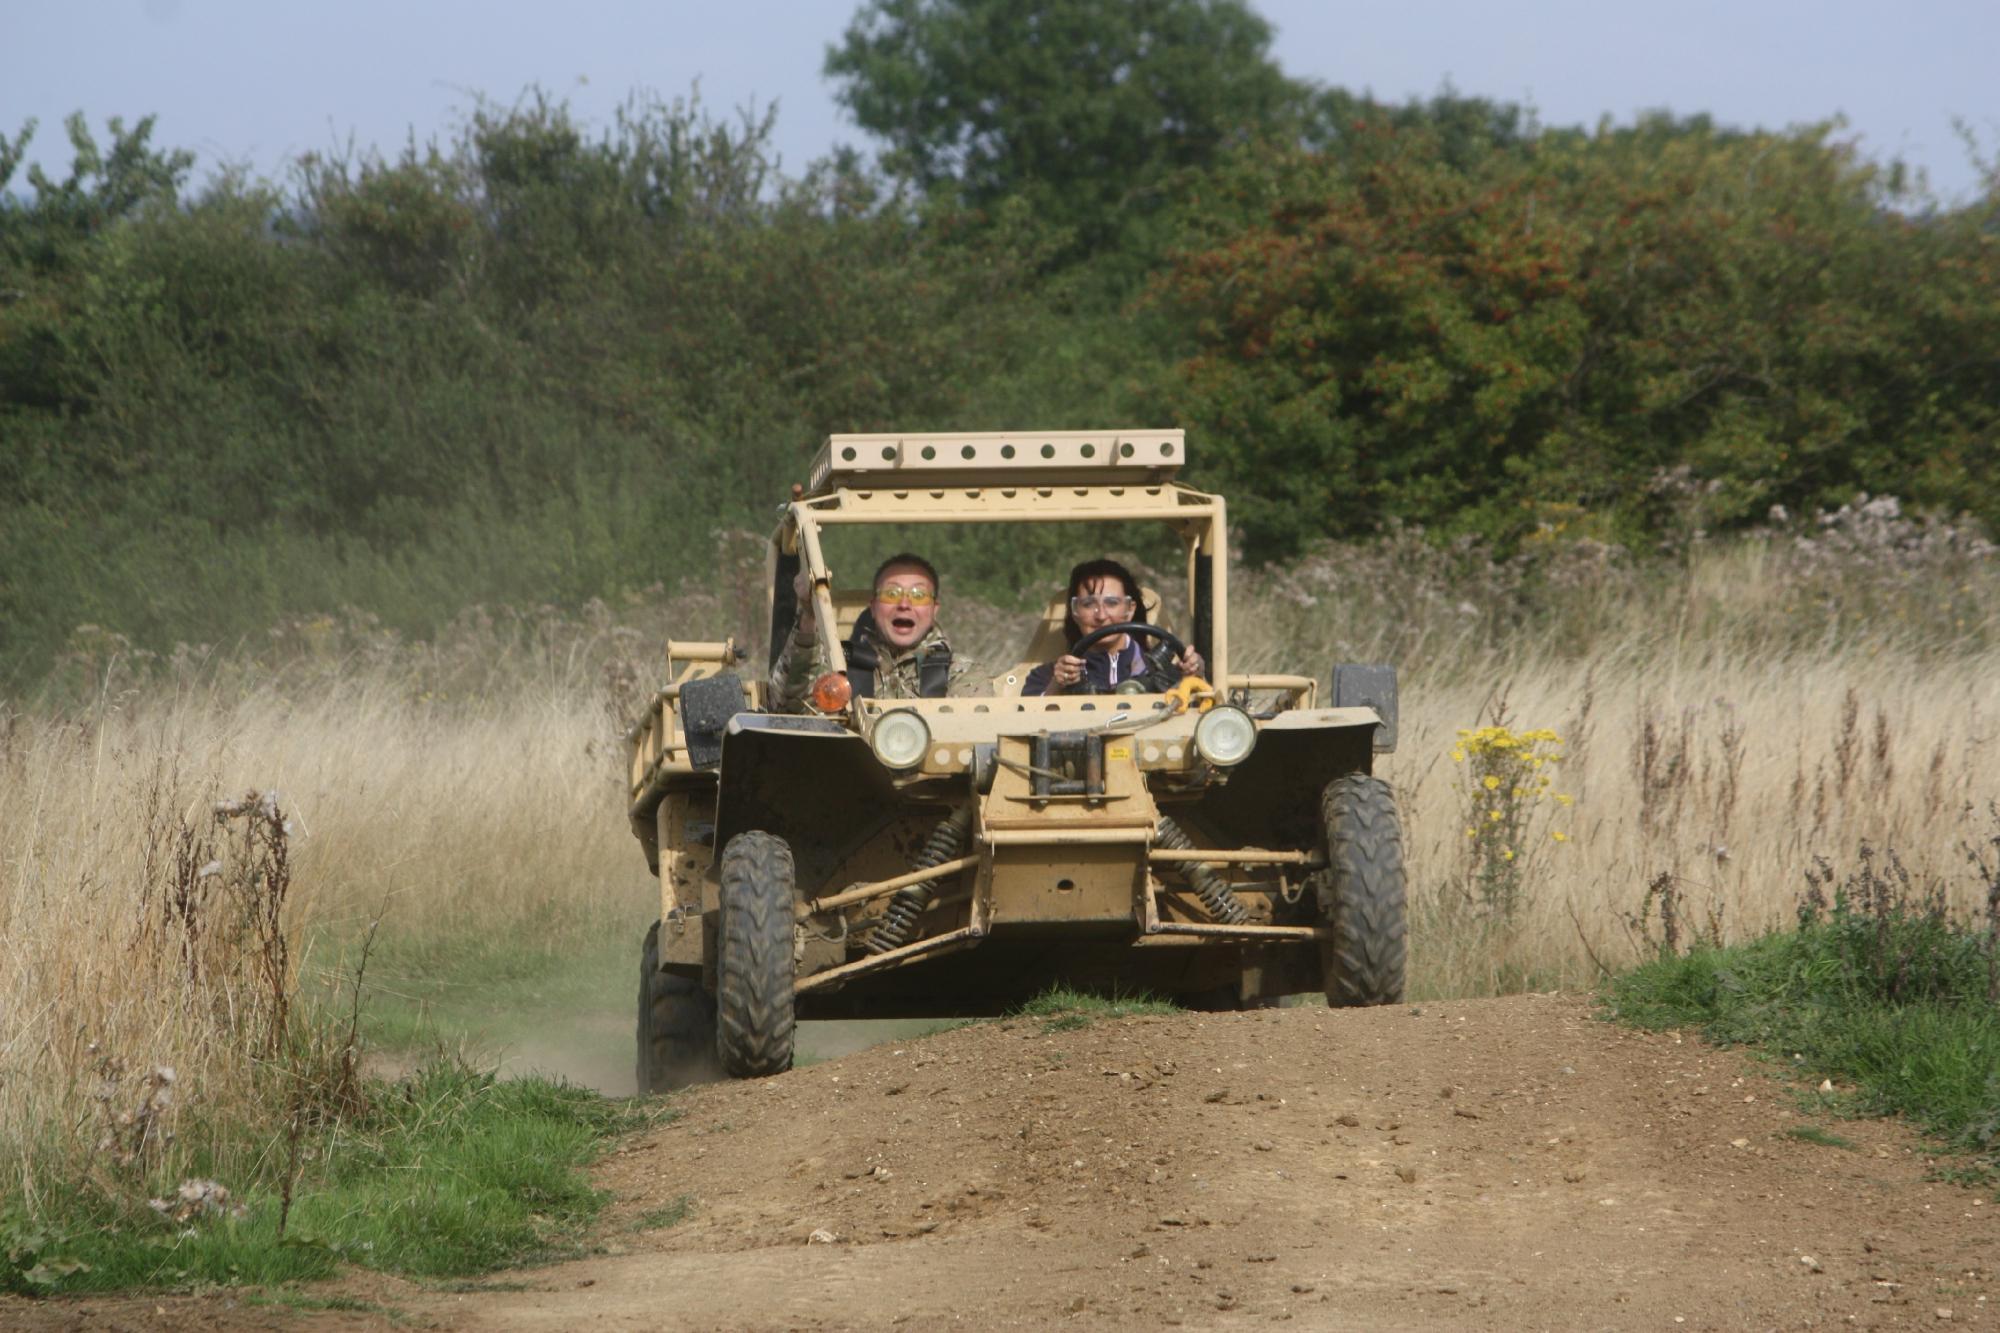 Tanks-Alot Half Day Tank Driving Experience Springer ATV